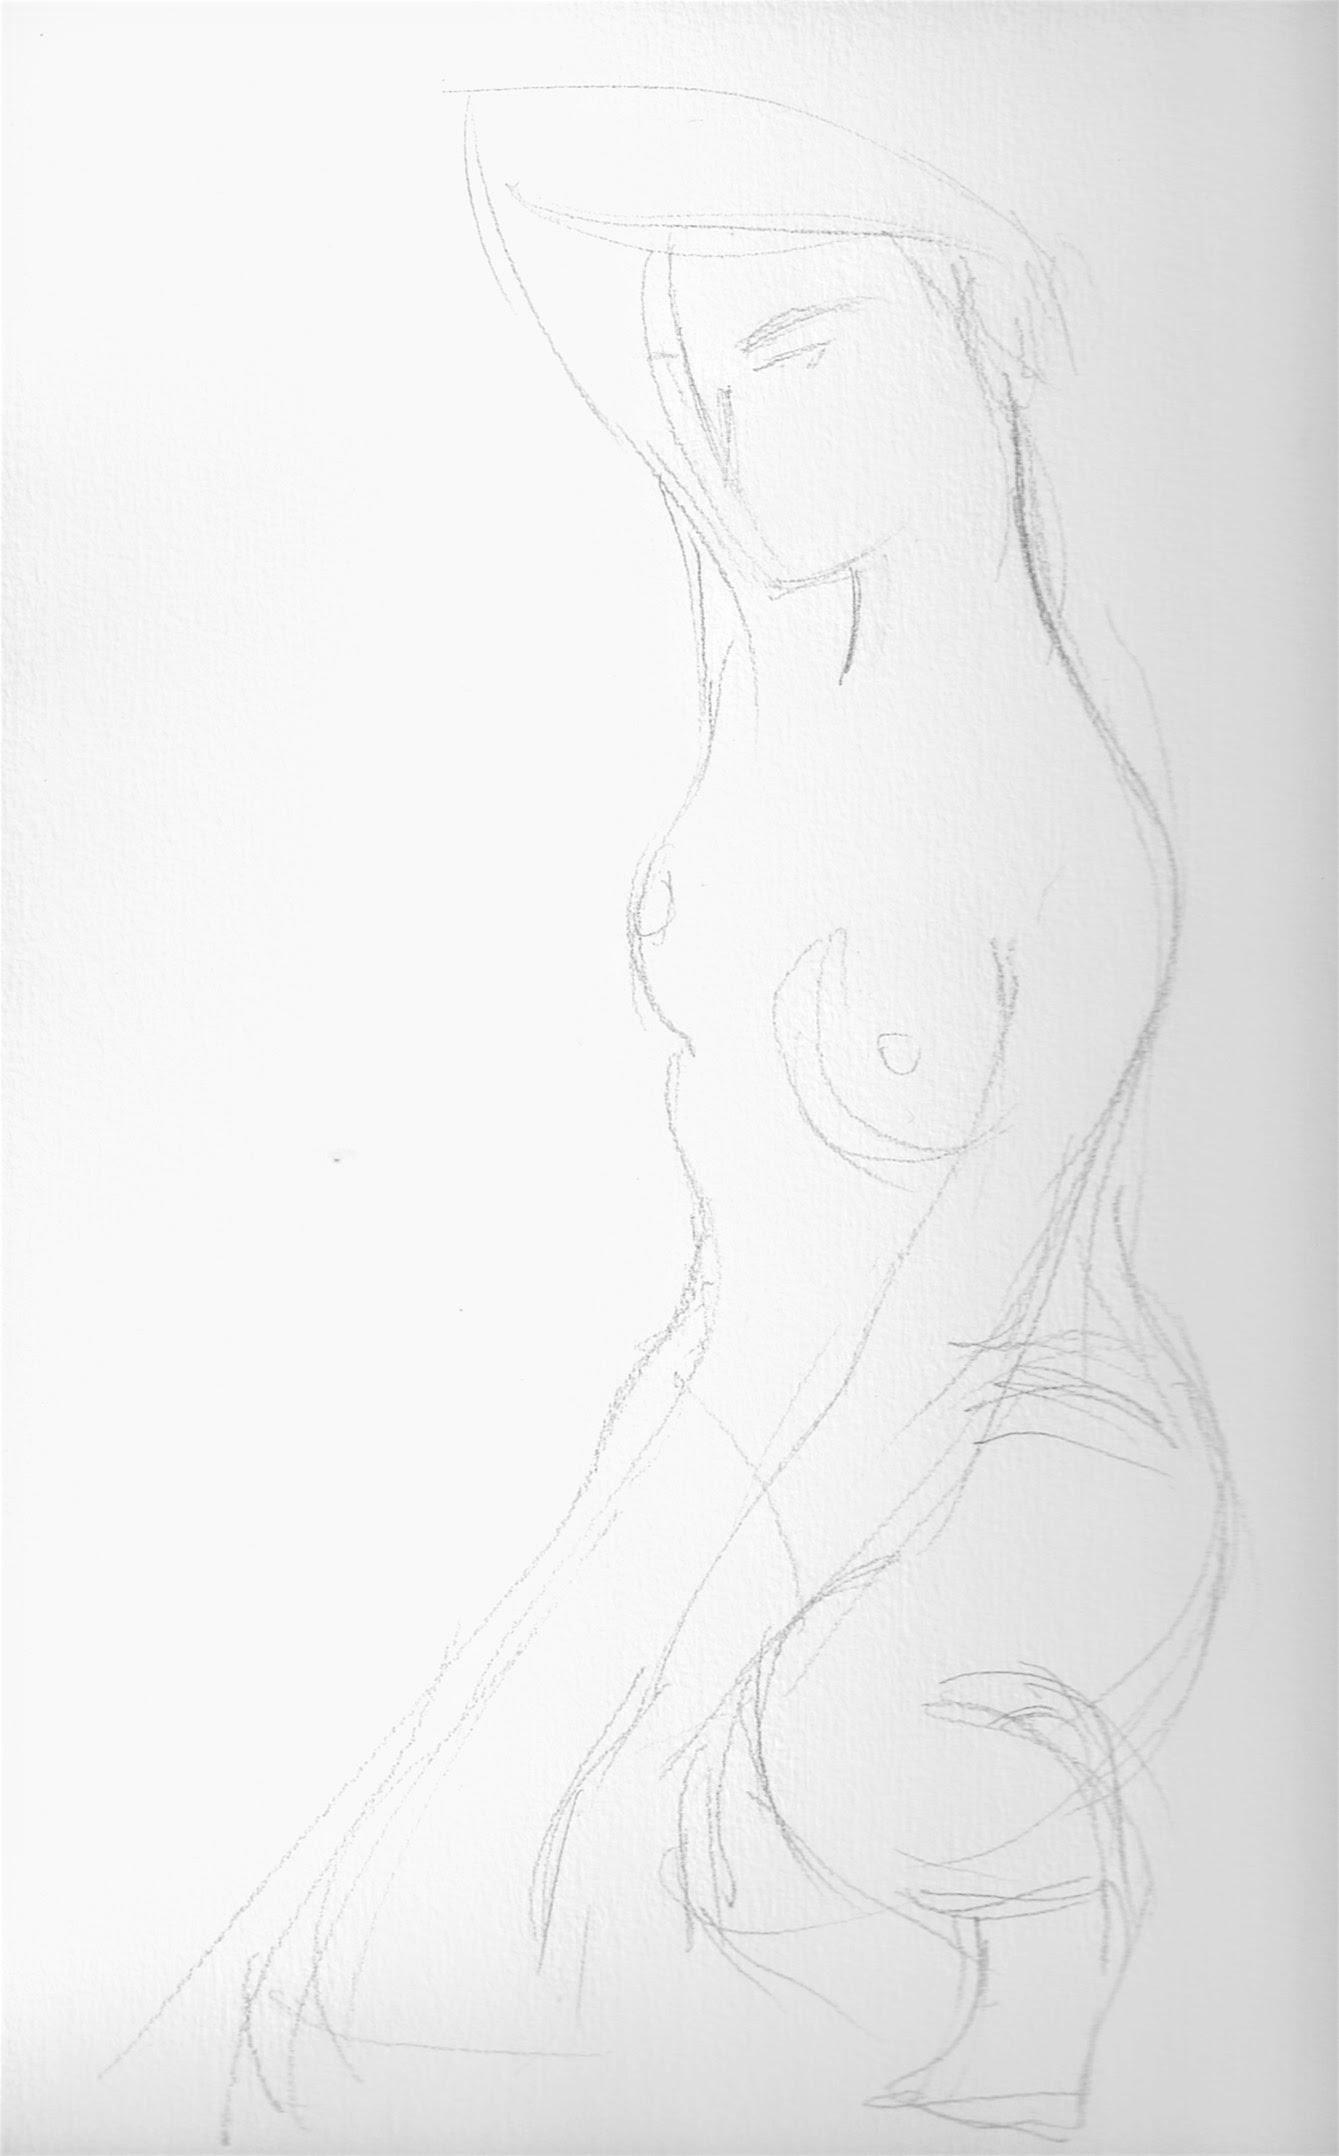 Desenho de modelo feminino nu, à lápis, realizado durante Prática de modelo vivo com Rafa Coutinho e Laerte no espaço Breu em 2017.